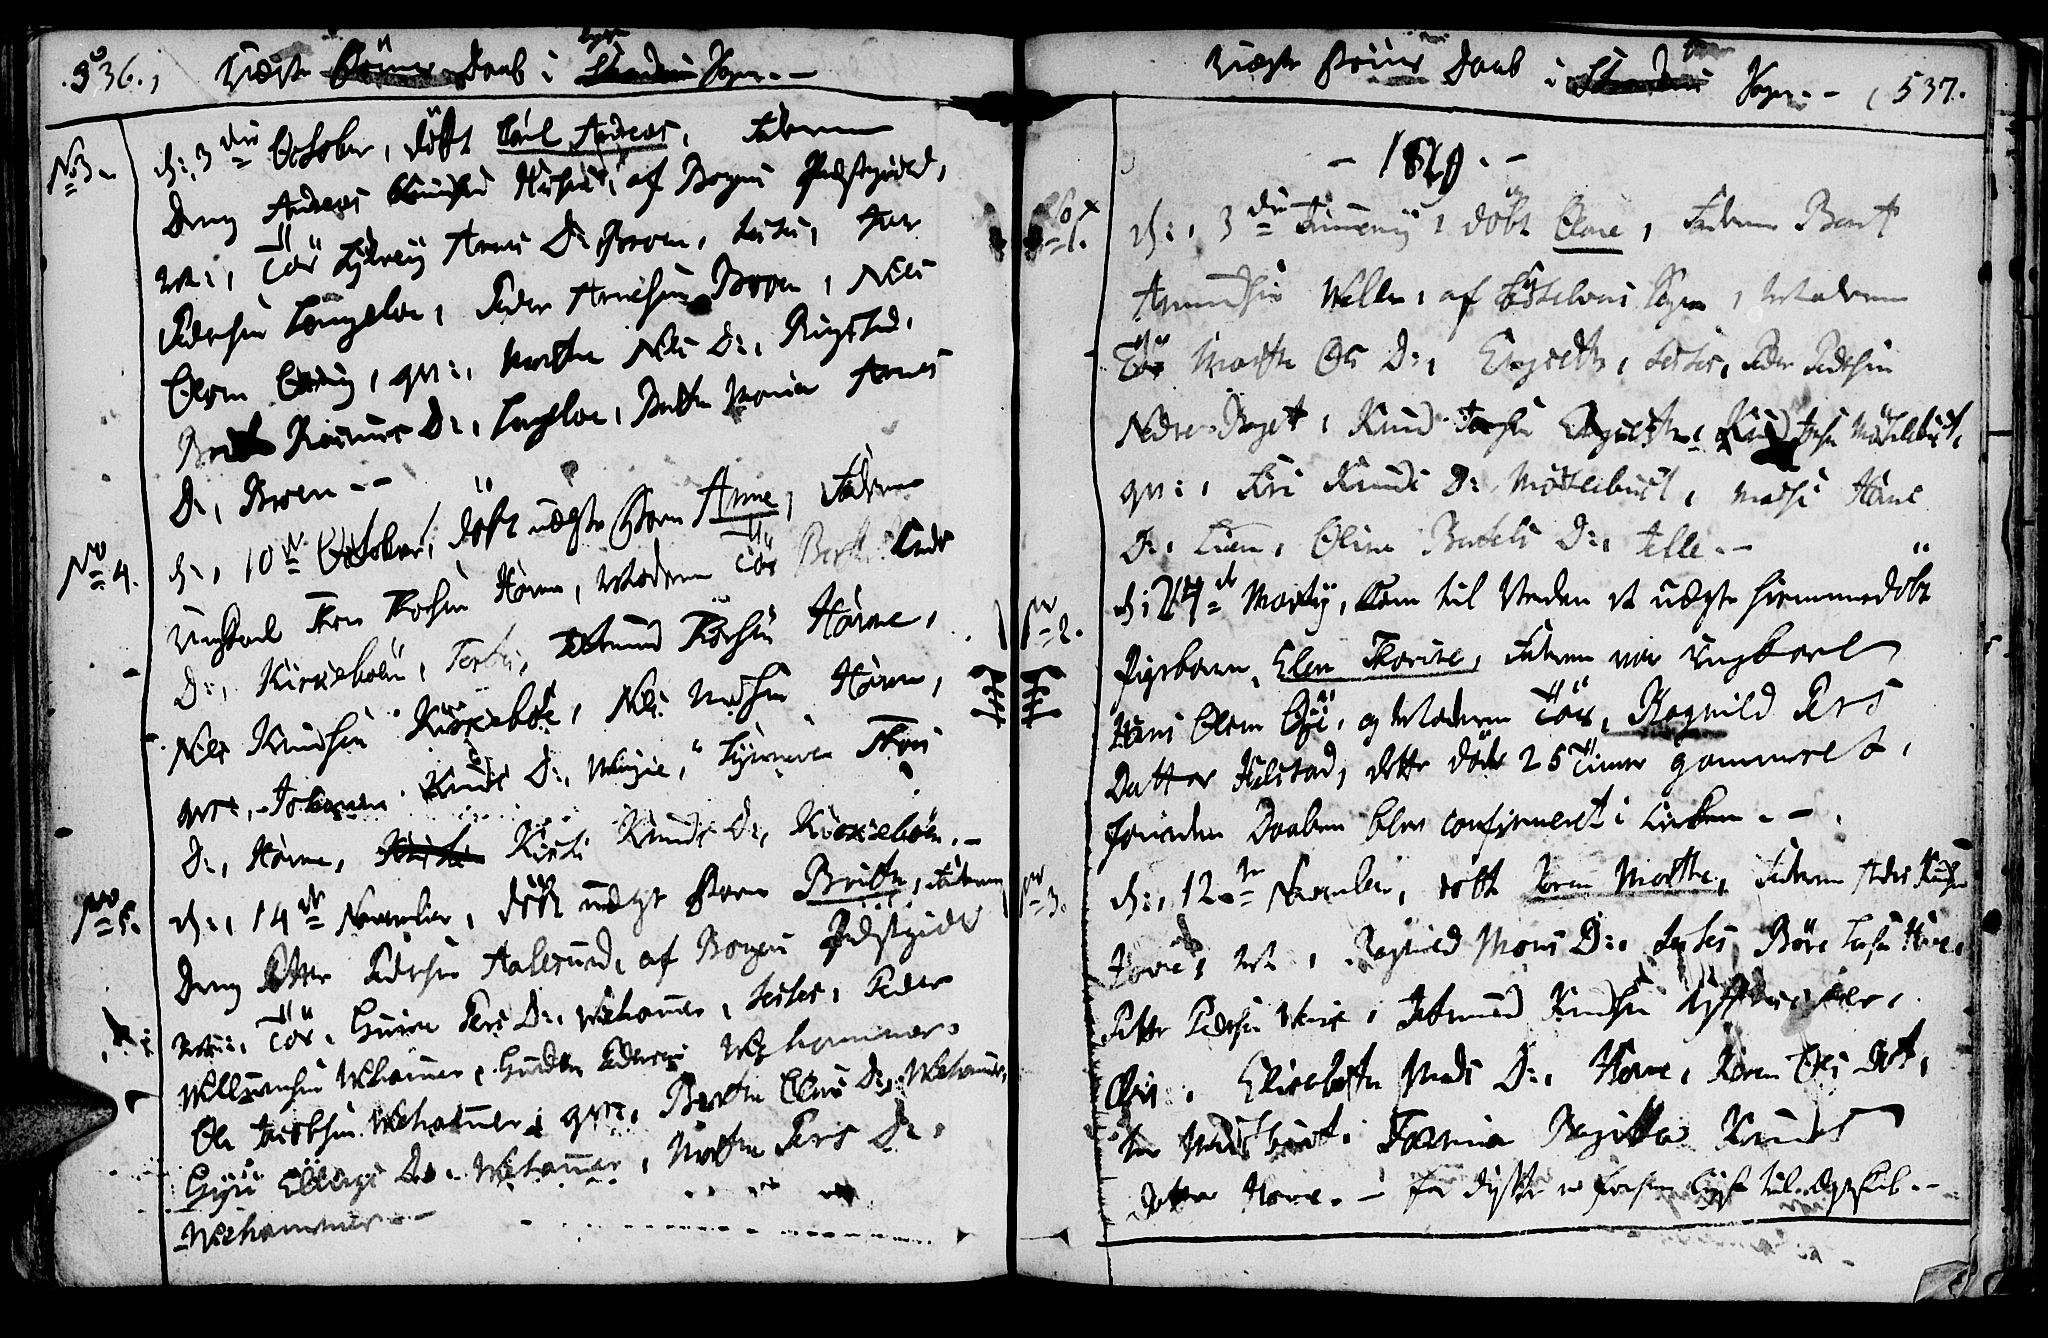 SAT, Ministerialprotokoller, klokkerbøker og fødselsregistre - Møre og Romsdal, 520/L0272: Ministerialbok nr. 520A02, 1802-1827, s. 536-537